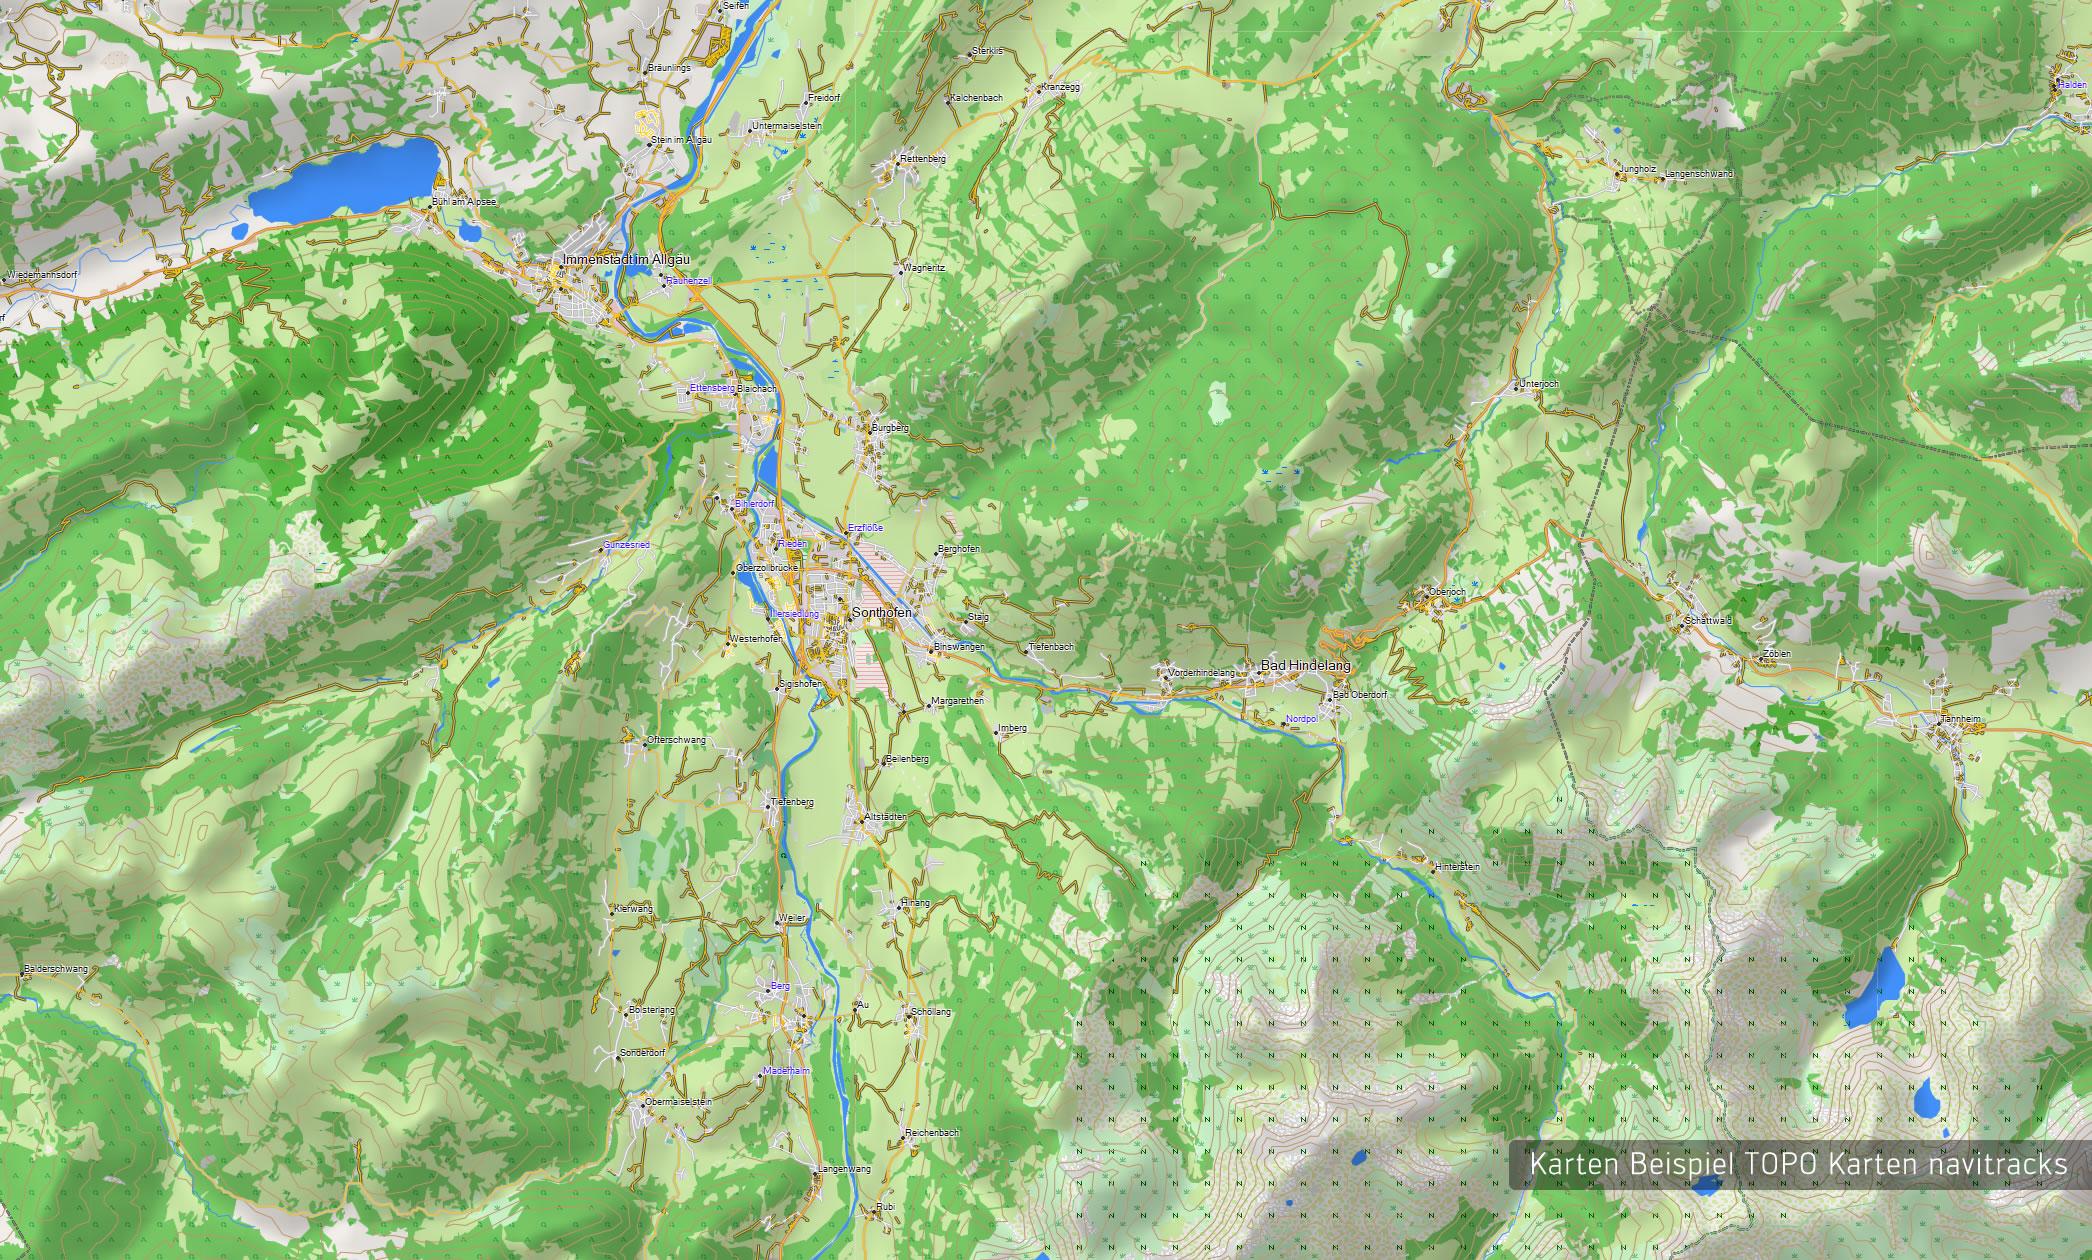 Norwegen Topo Gps Karte Garmin Mit 10m Srtm Hohelinien Download